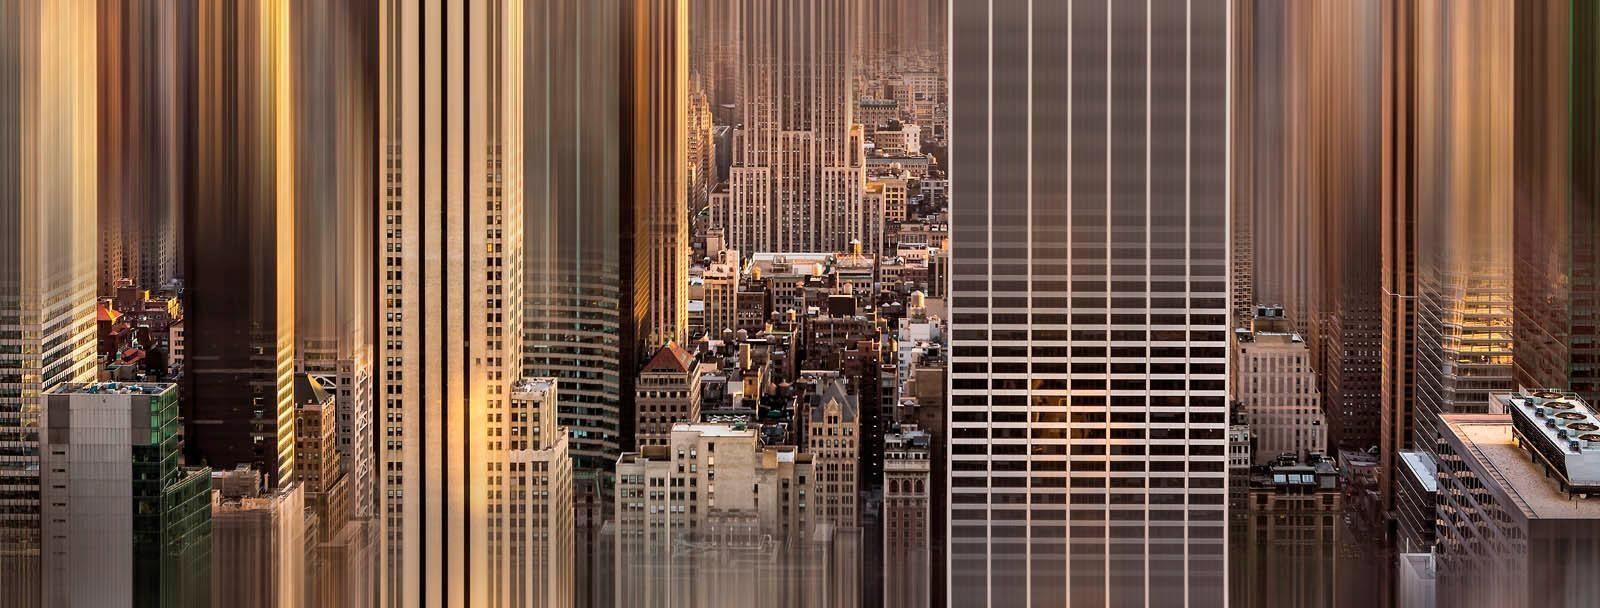 Leinwandbild »New York« 150/57 cm